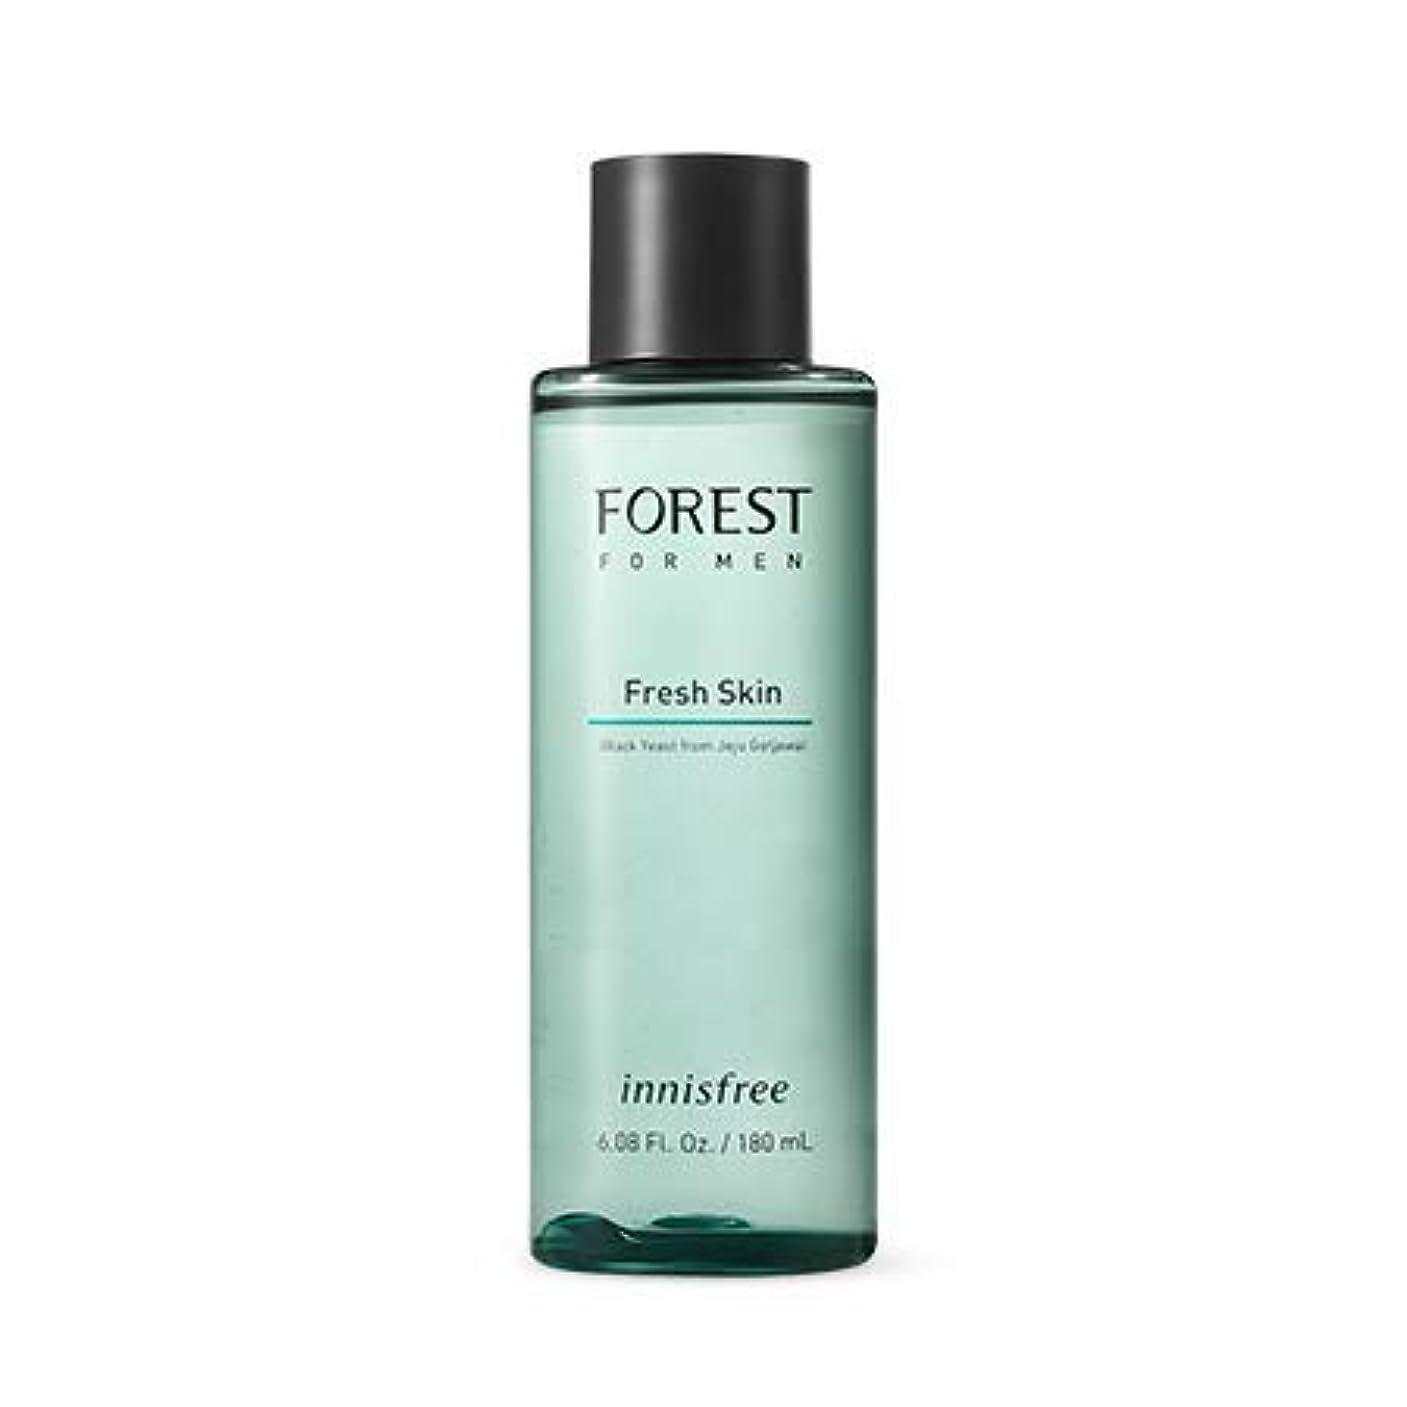 強制弓ブリーフケース[イニスフリー]フォレストフォアマンフレッシュスキン180mL(2019.05 new)Forest for Men Fresh Skin